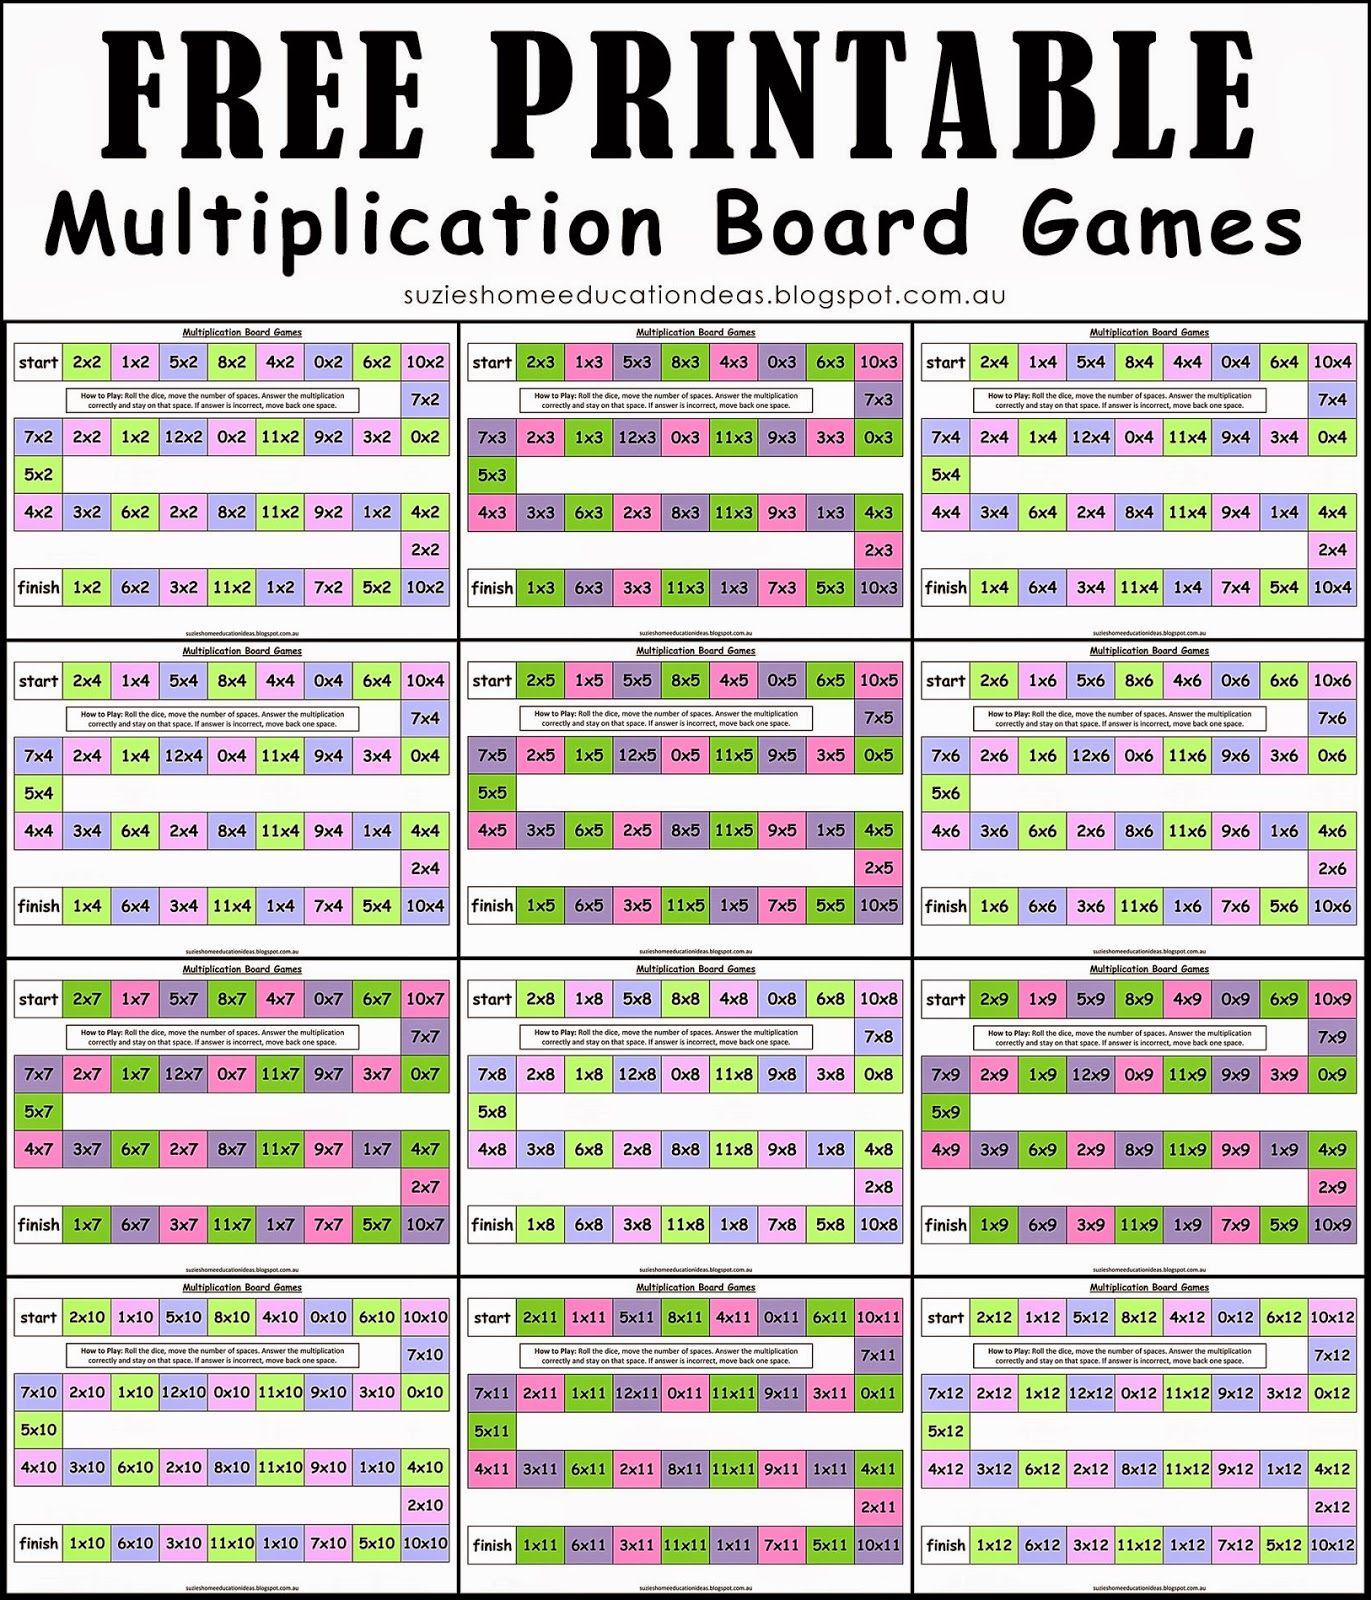 Suzie De Home Educație Idei: Gratuit Jocuri Multiplicare pertaining to Printable Multiplication Fact Games